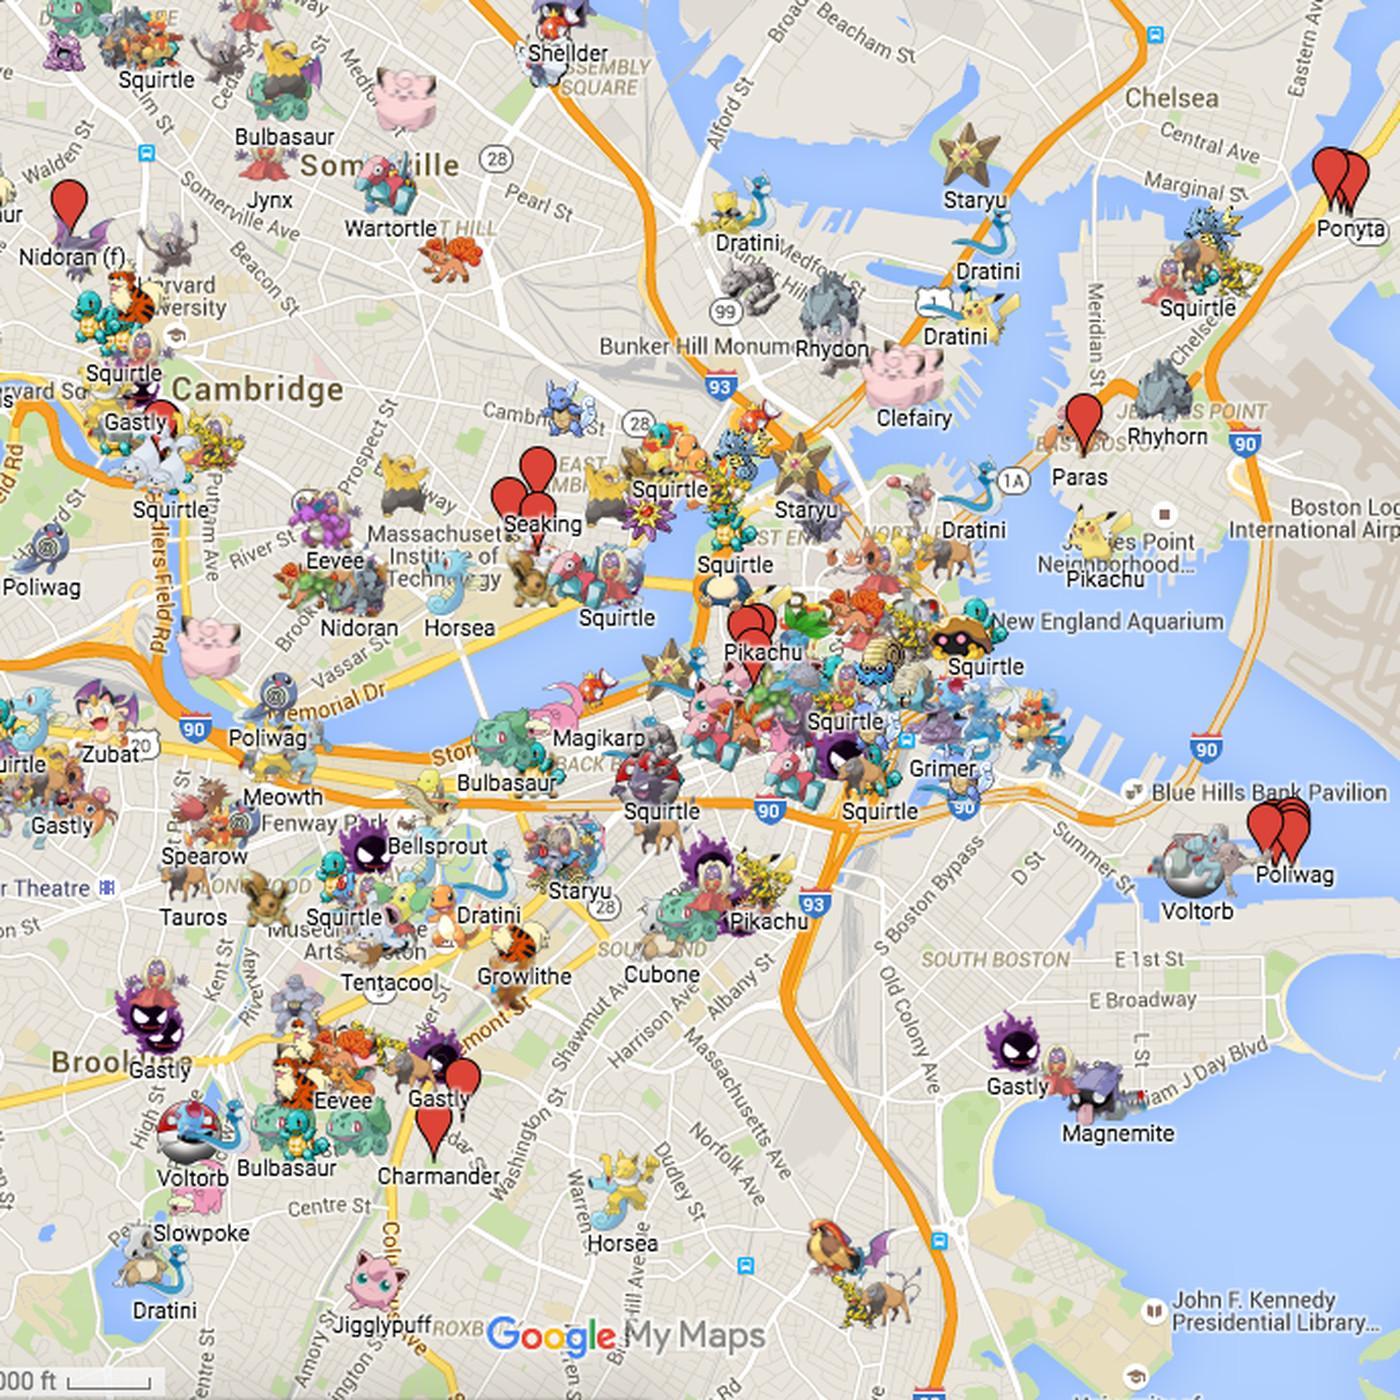 Pokemon Go Boston Map Boston has an absurdly detailed Pokémon Go map   Polygon